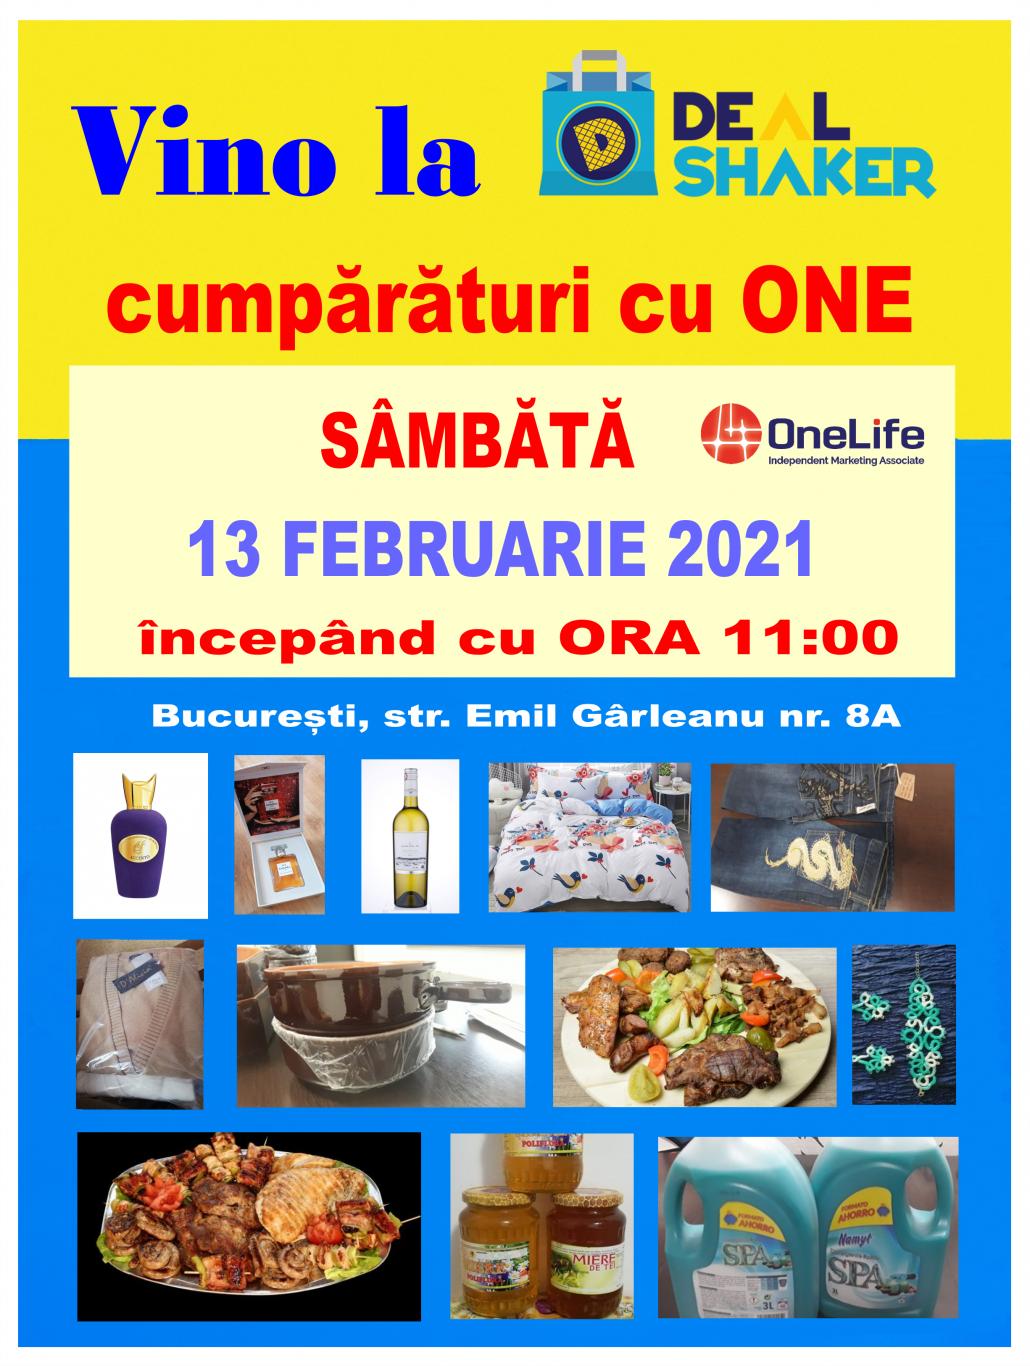 DealShaker Mini Expo București. Comercianții de produse românești, în prim-plan eveniment22